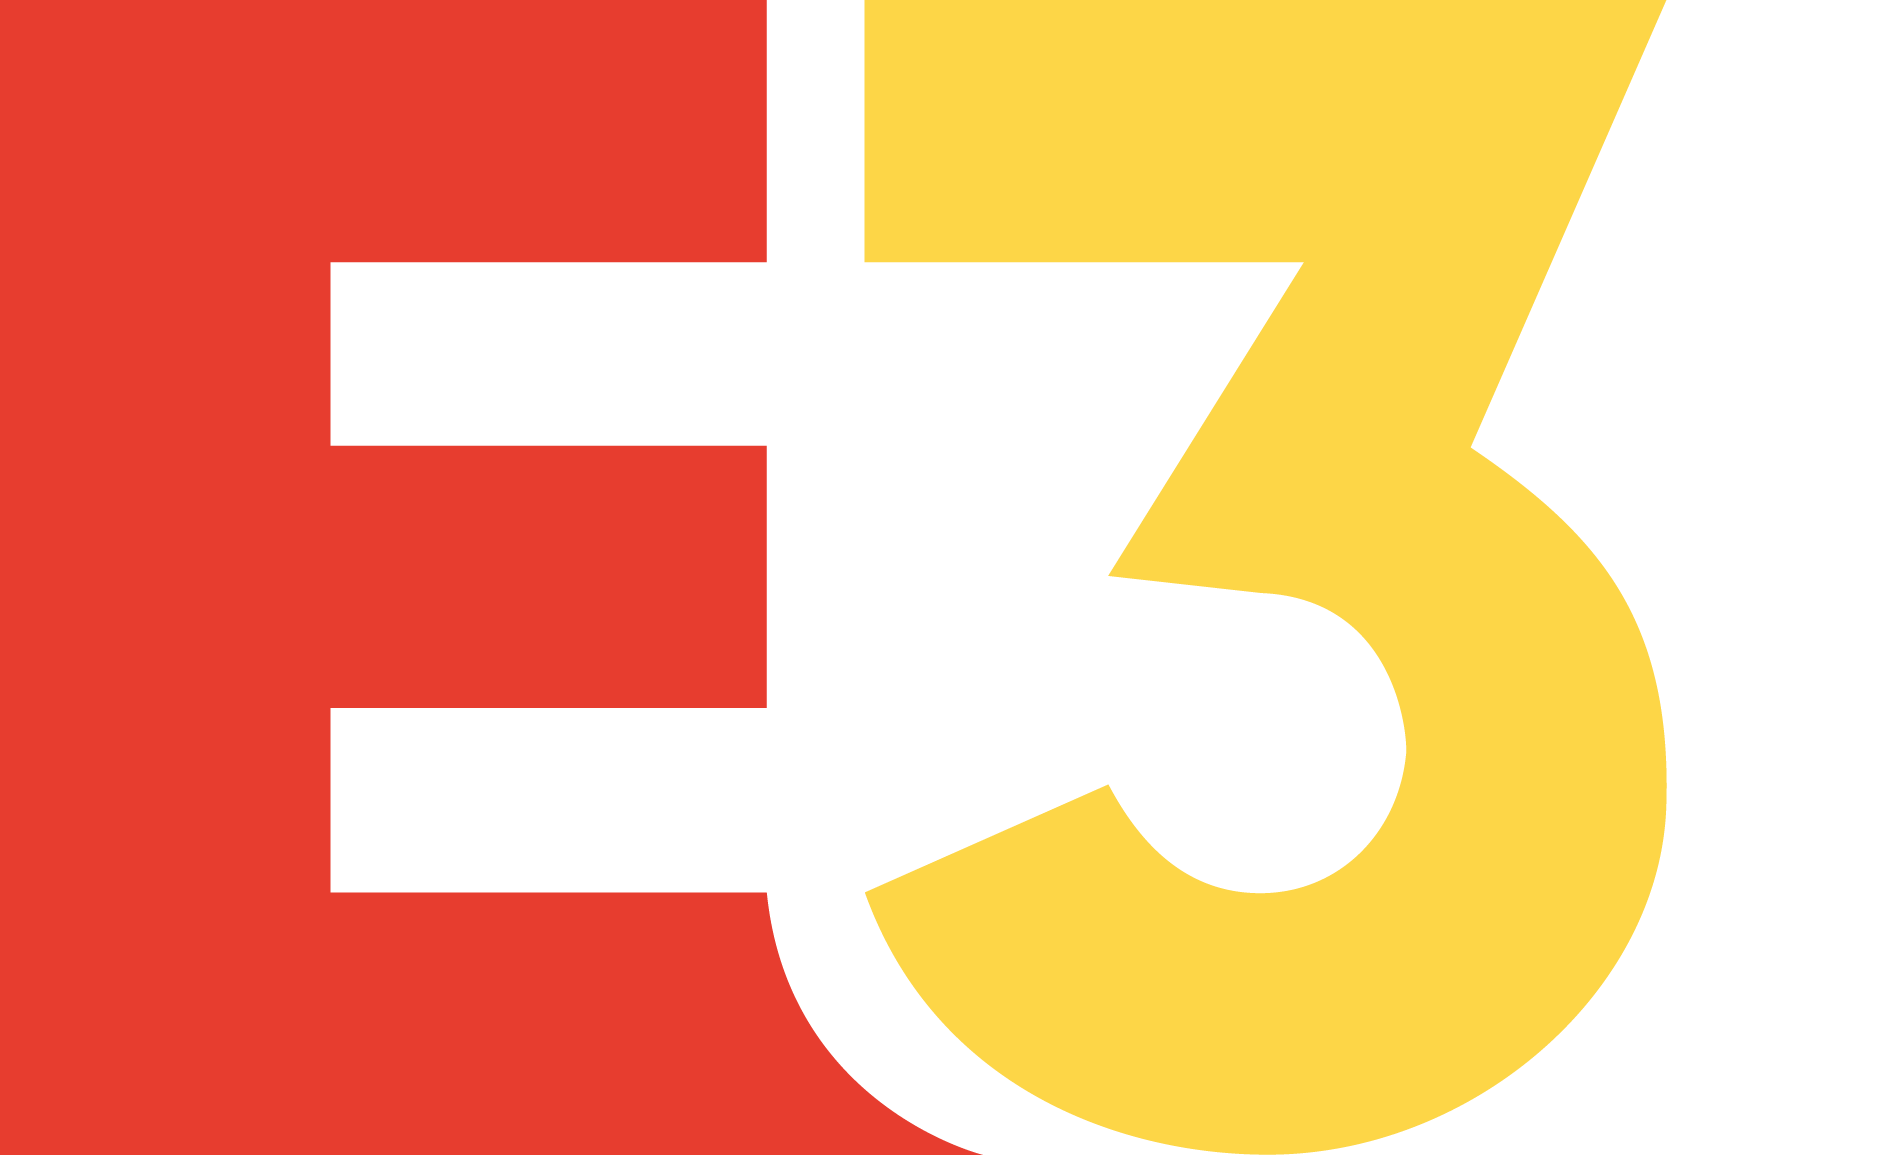 E3 2020 sẽ bị hủy trong khi sự kiện trên mạng vẫn được tiếp tục